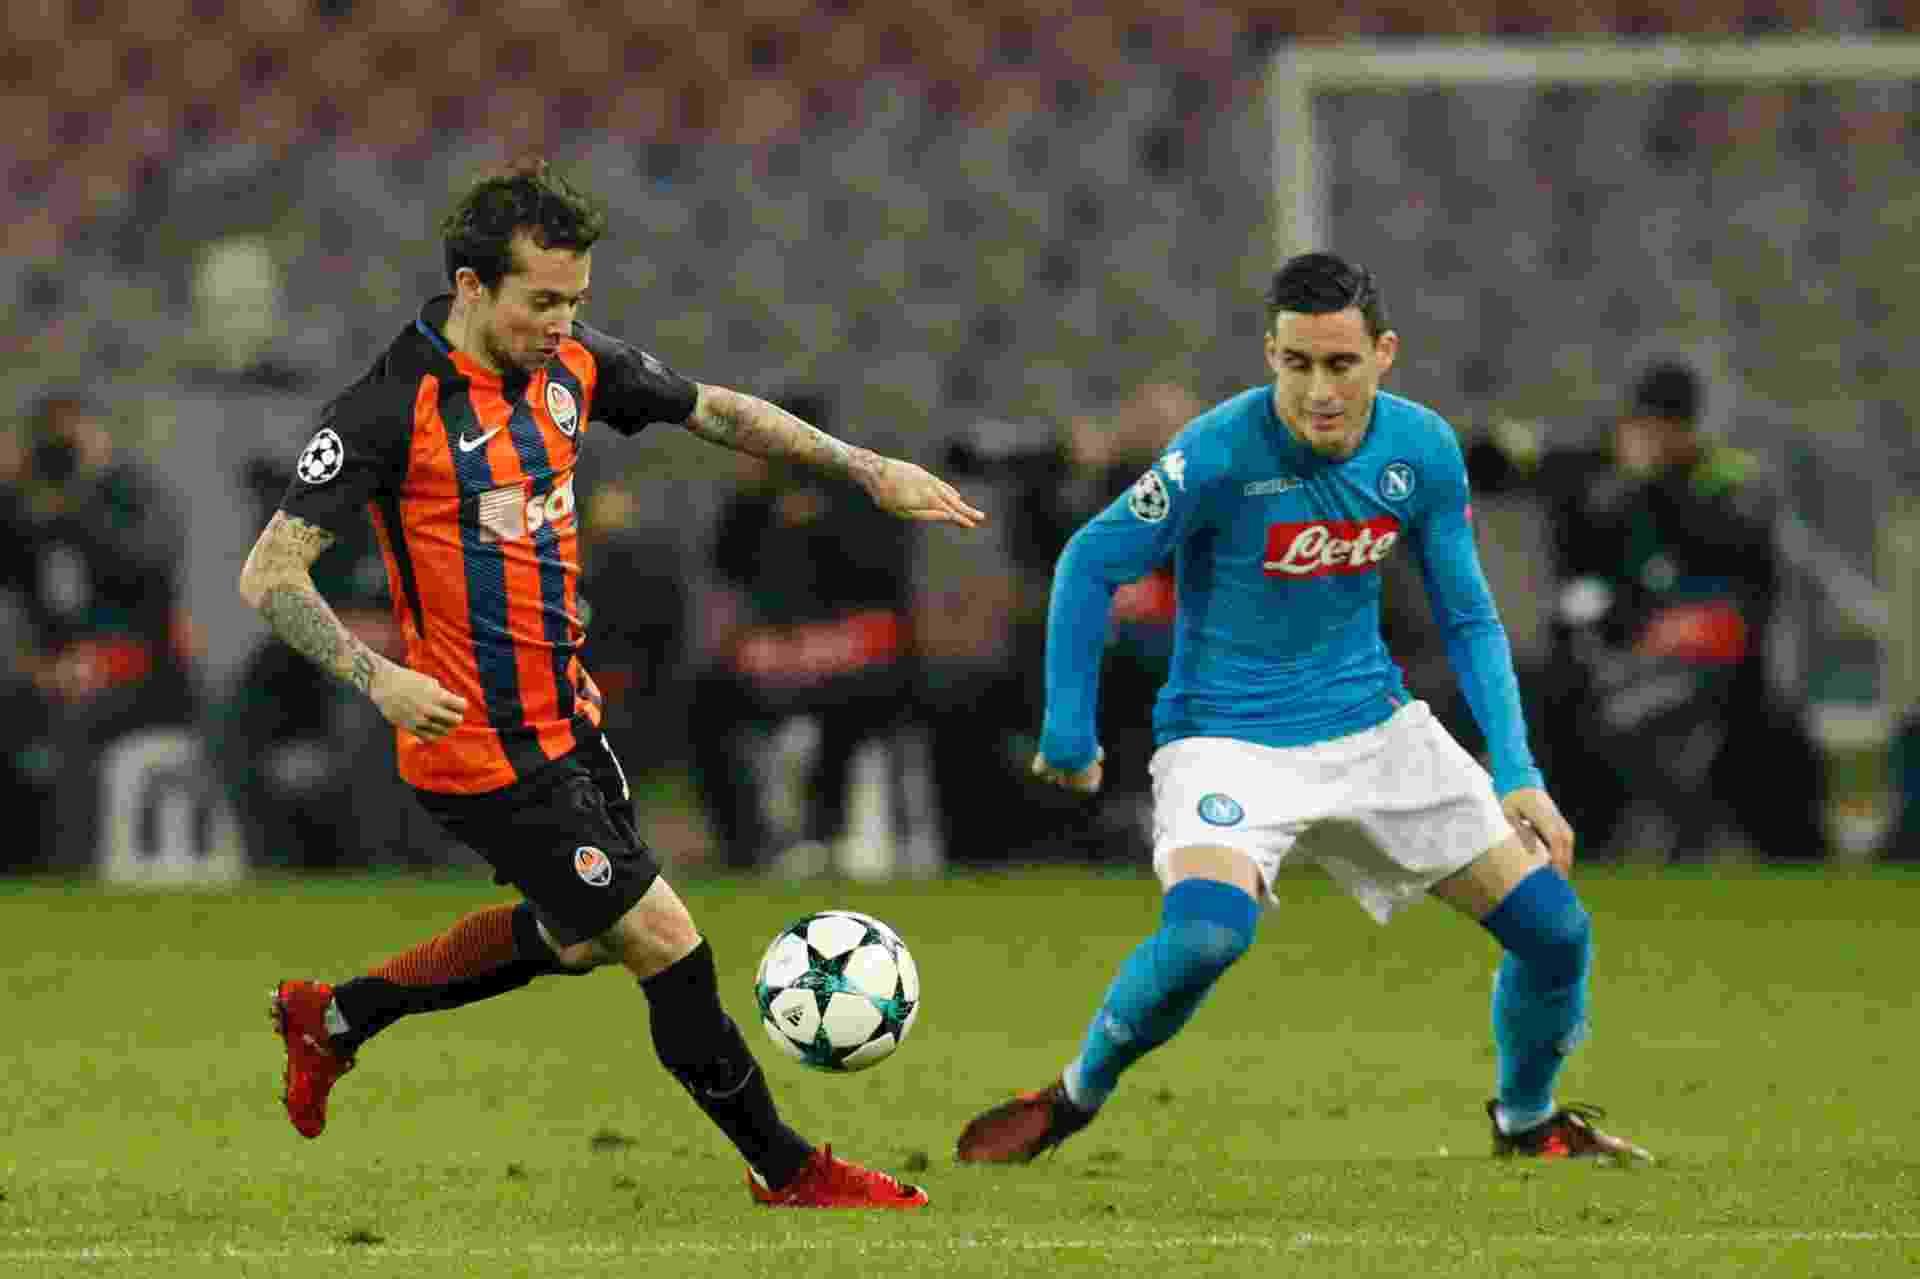 Bernard encara a marcação de Callejon na partida entre Napoli e Shakhtar Donetsk, pela Liga dos Campeões - undefined